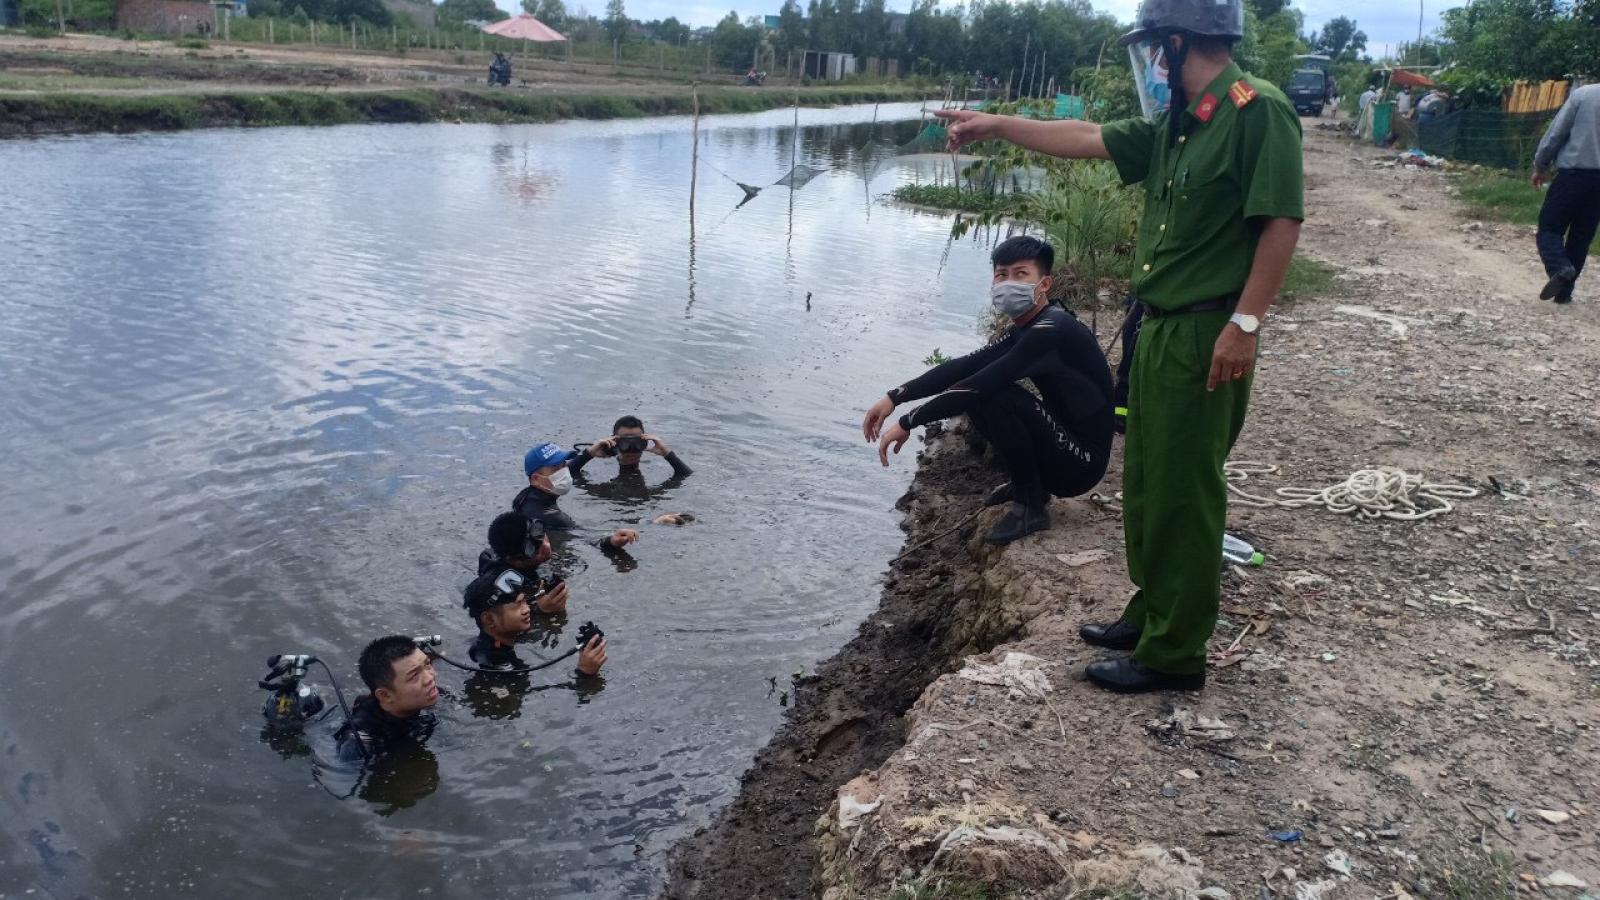 Bị truy đuổi do nghi trộm chó, nam thanh niên đuối nước vì nhảy xuống kênh